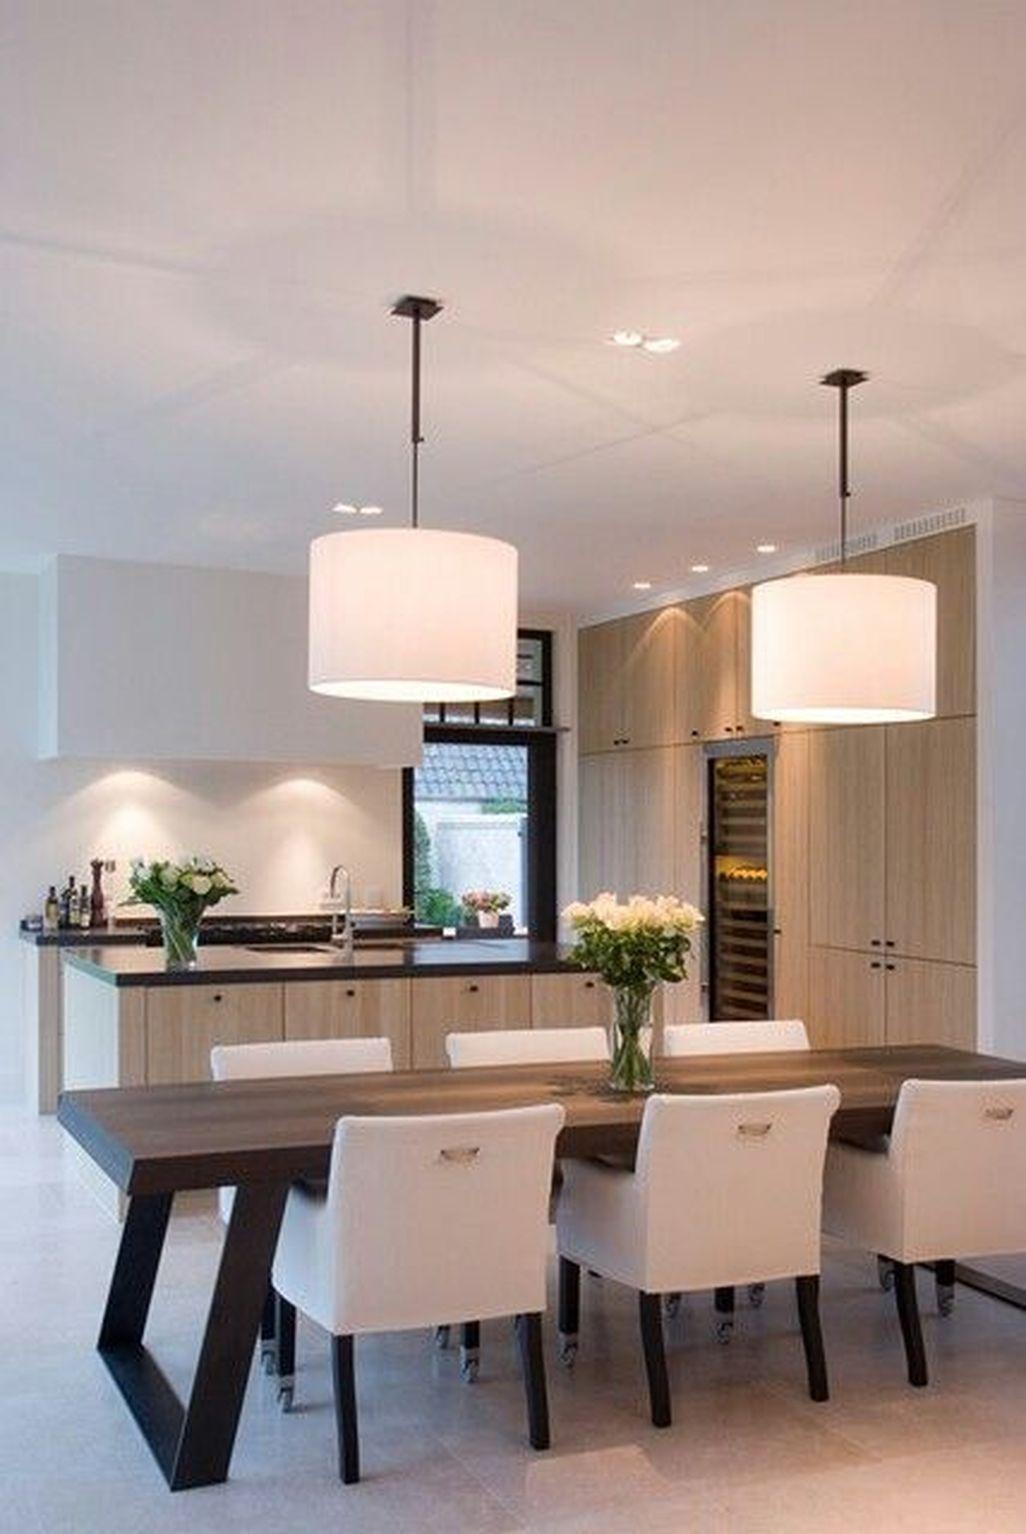 ... dining areas for ideas. #u0027diningroomideasu0027